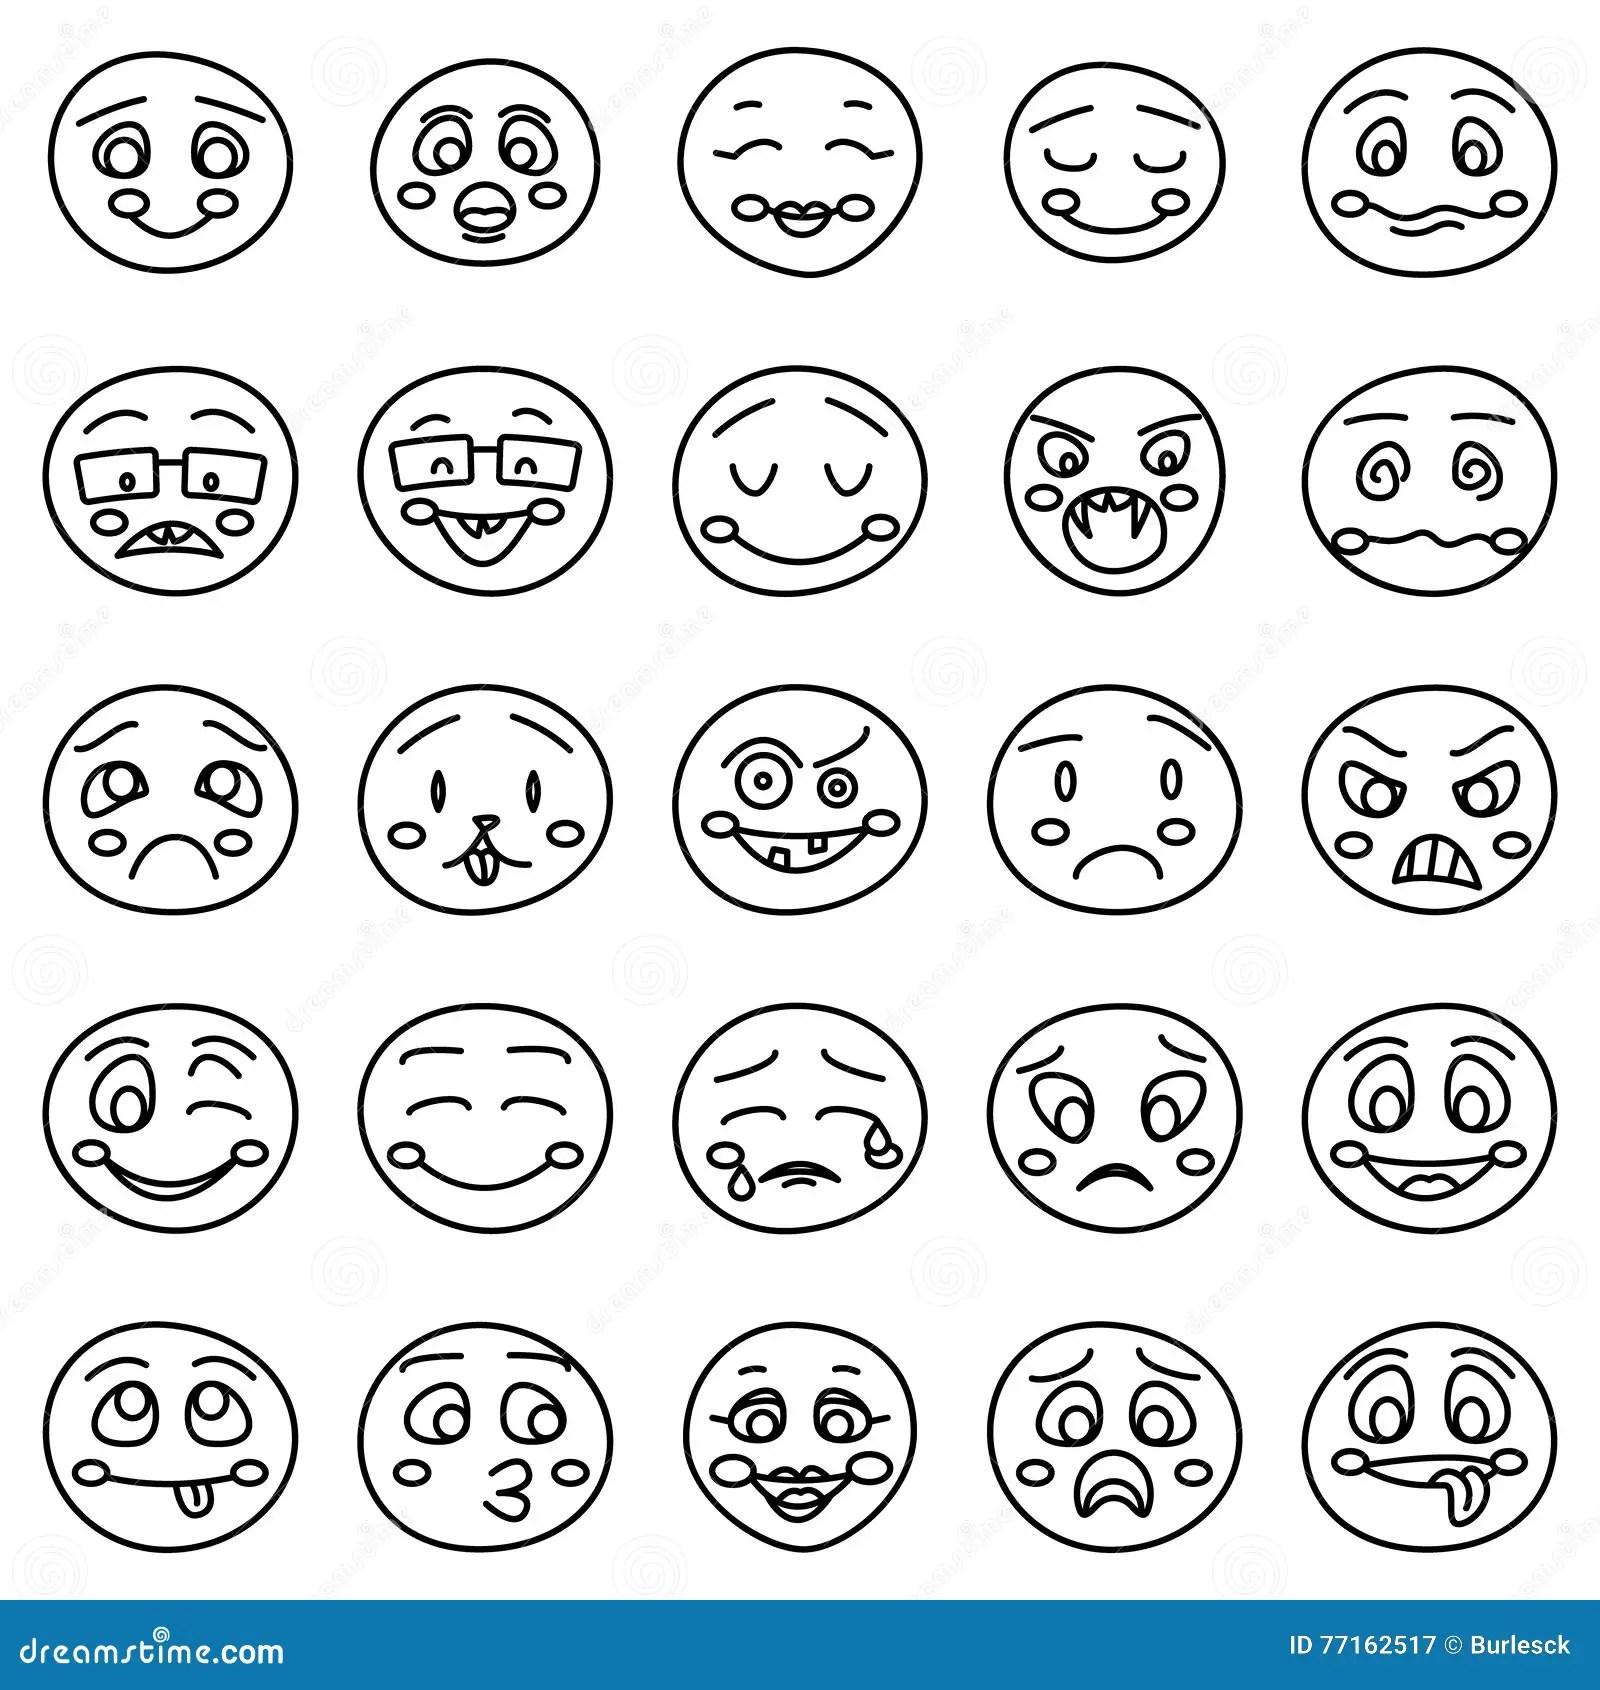 Dessin De Main Des Emoticones Ou Des Visages Emotifs De